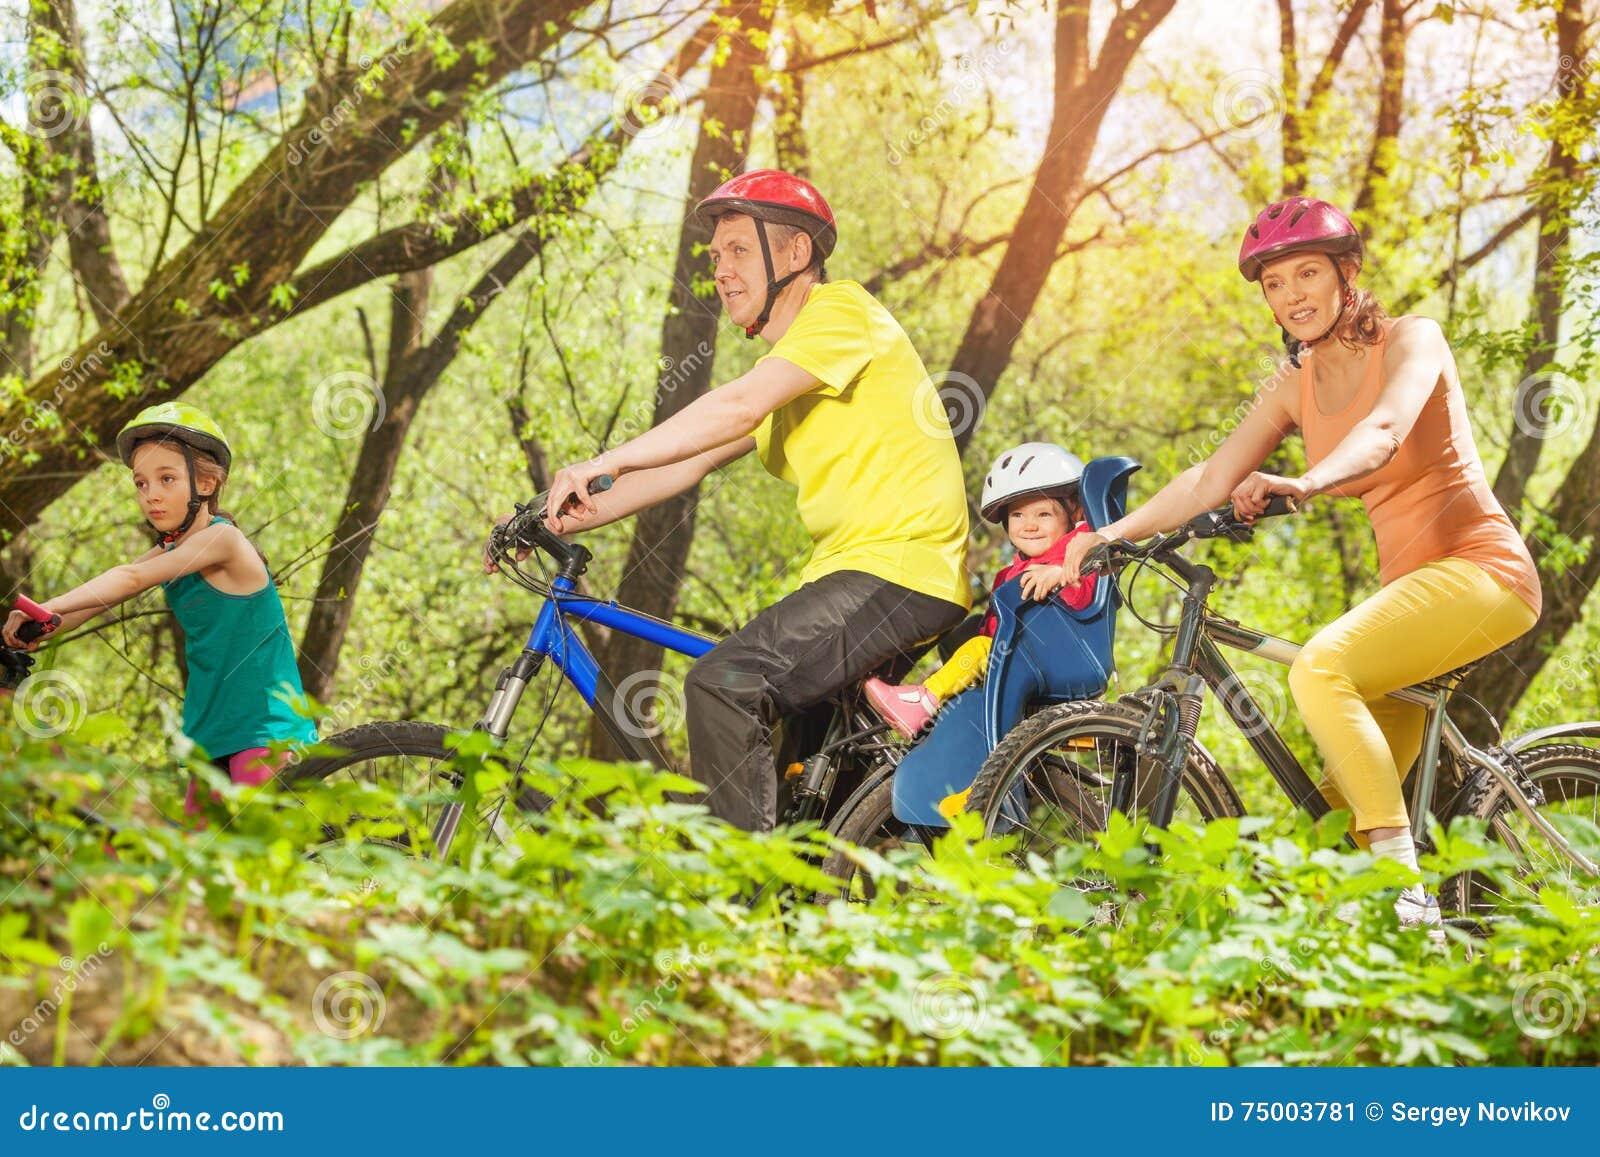 Sportieve familie lopende fietsen in het zonnige bos